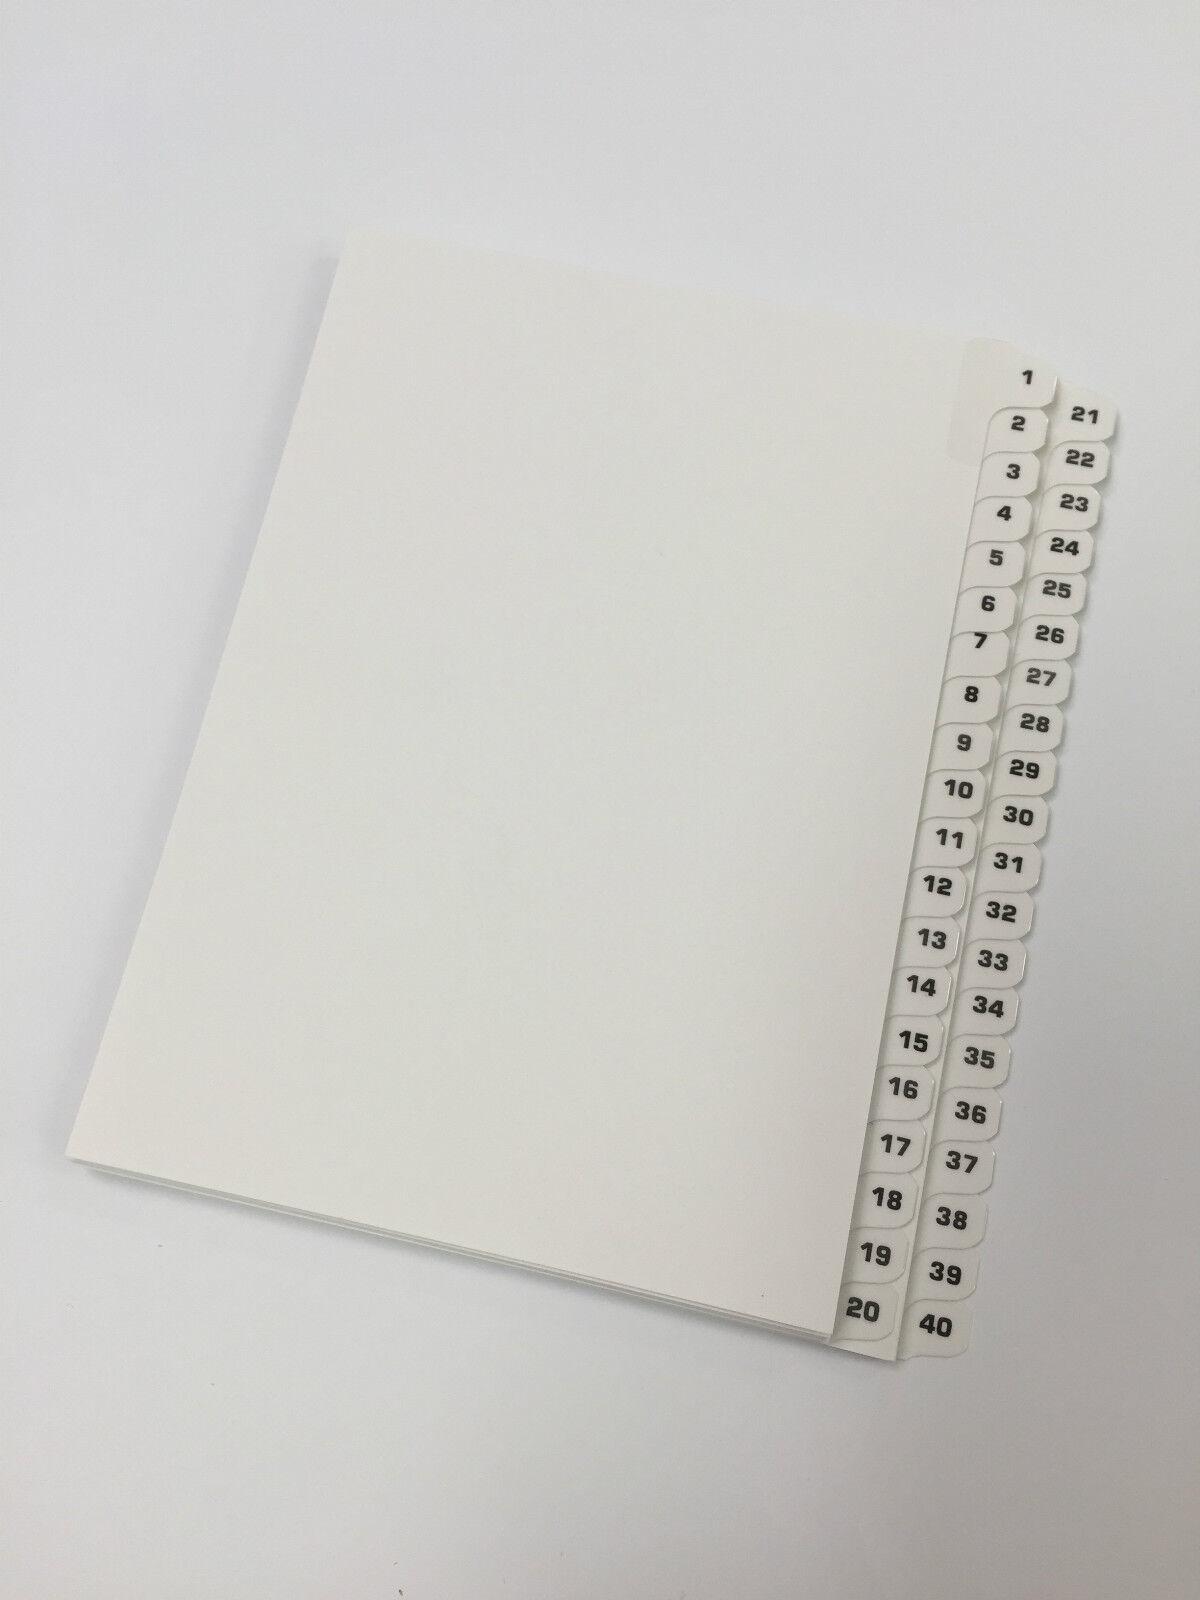 1-40 Divider tabs